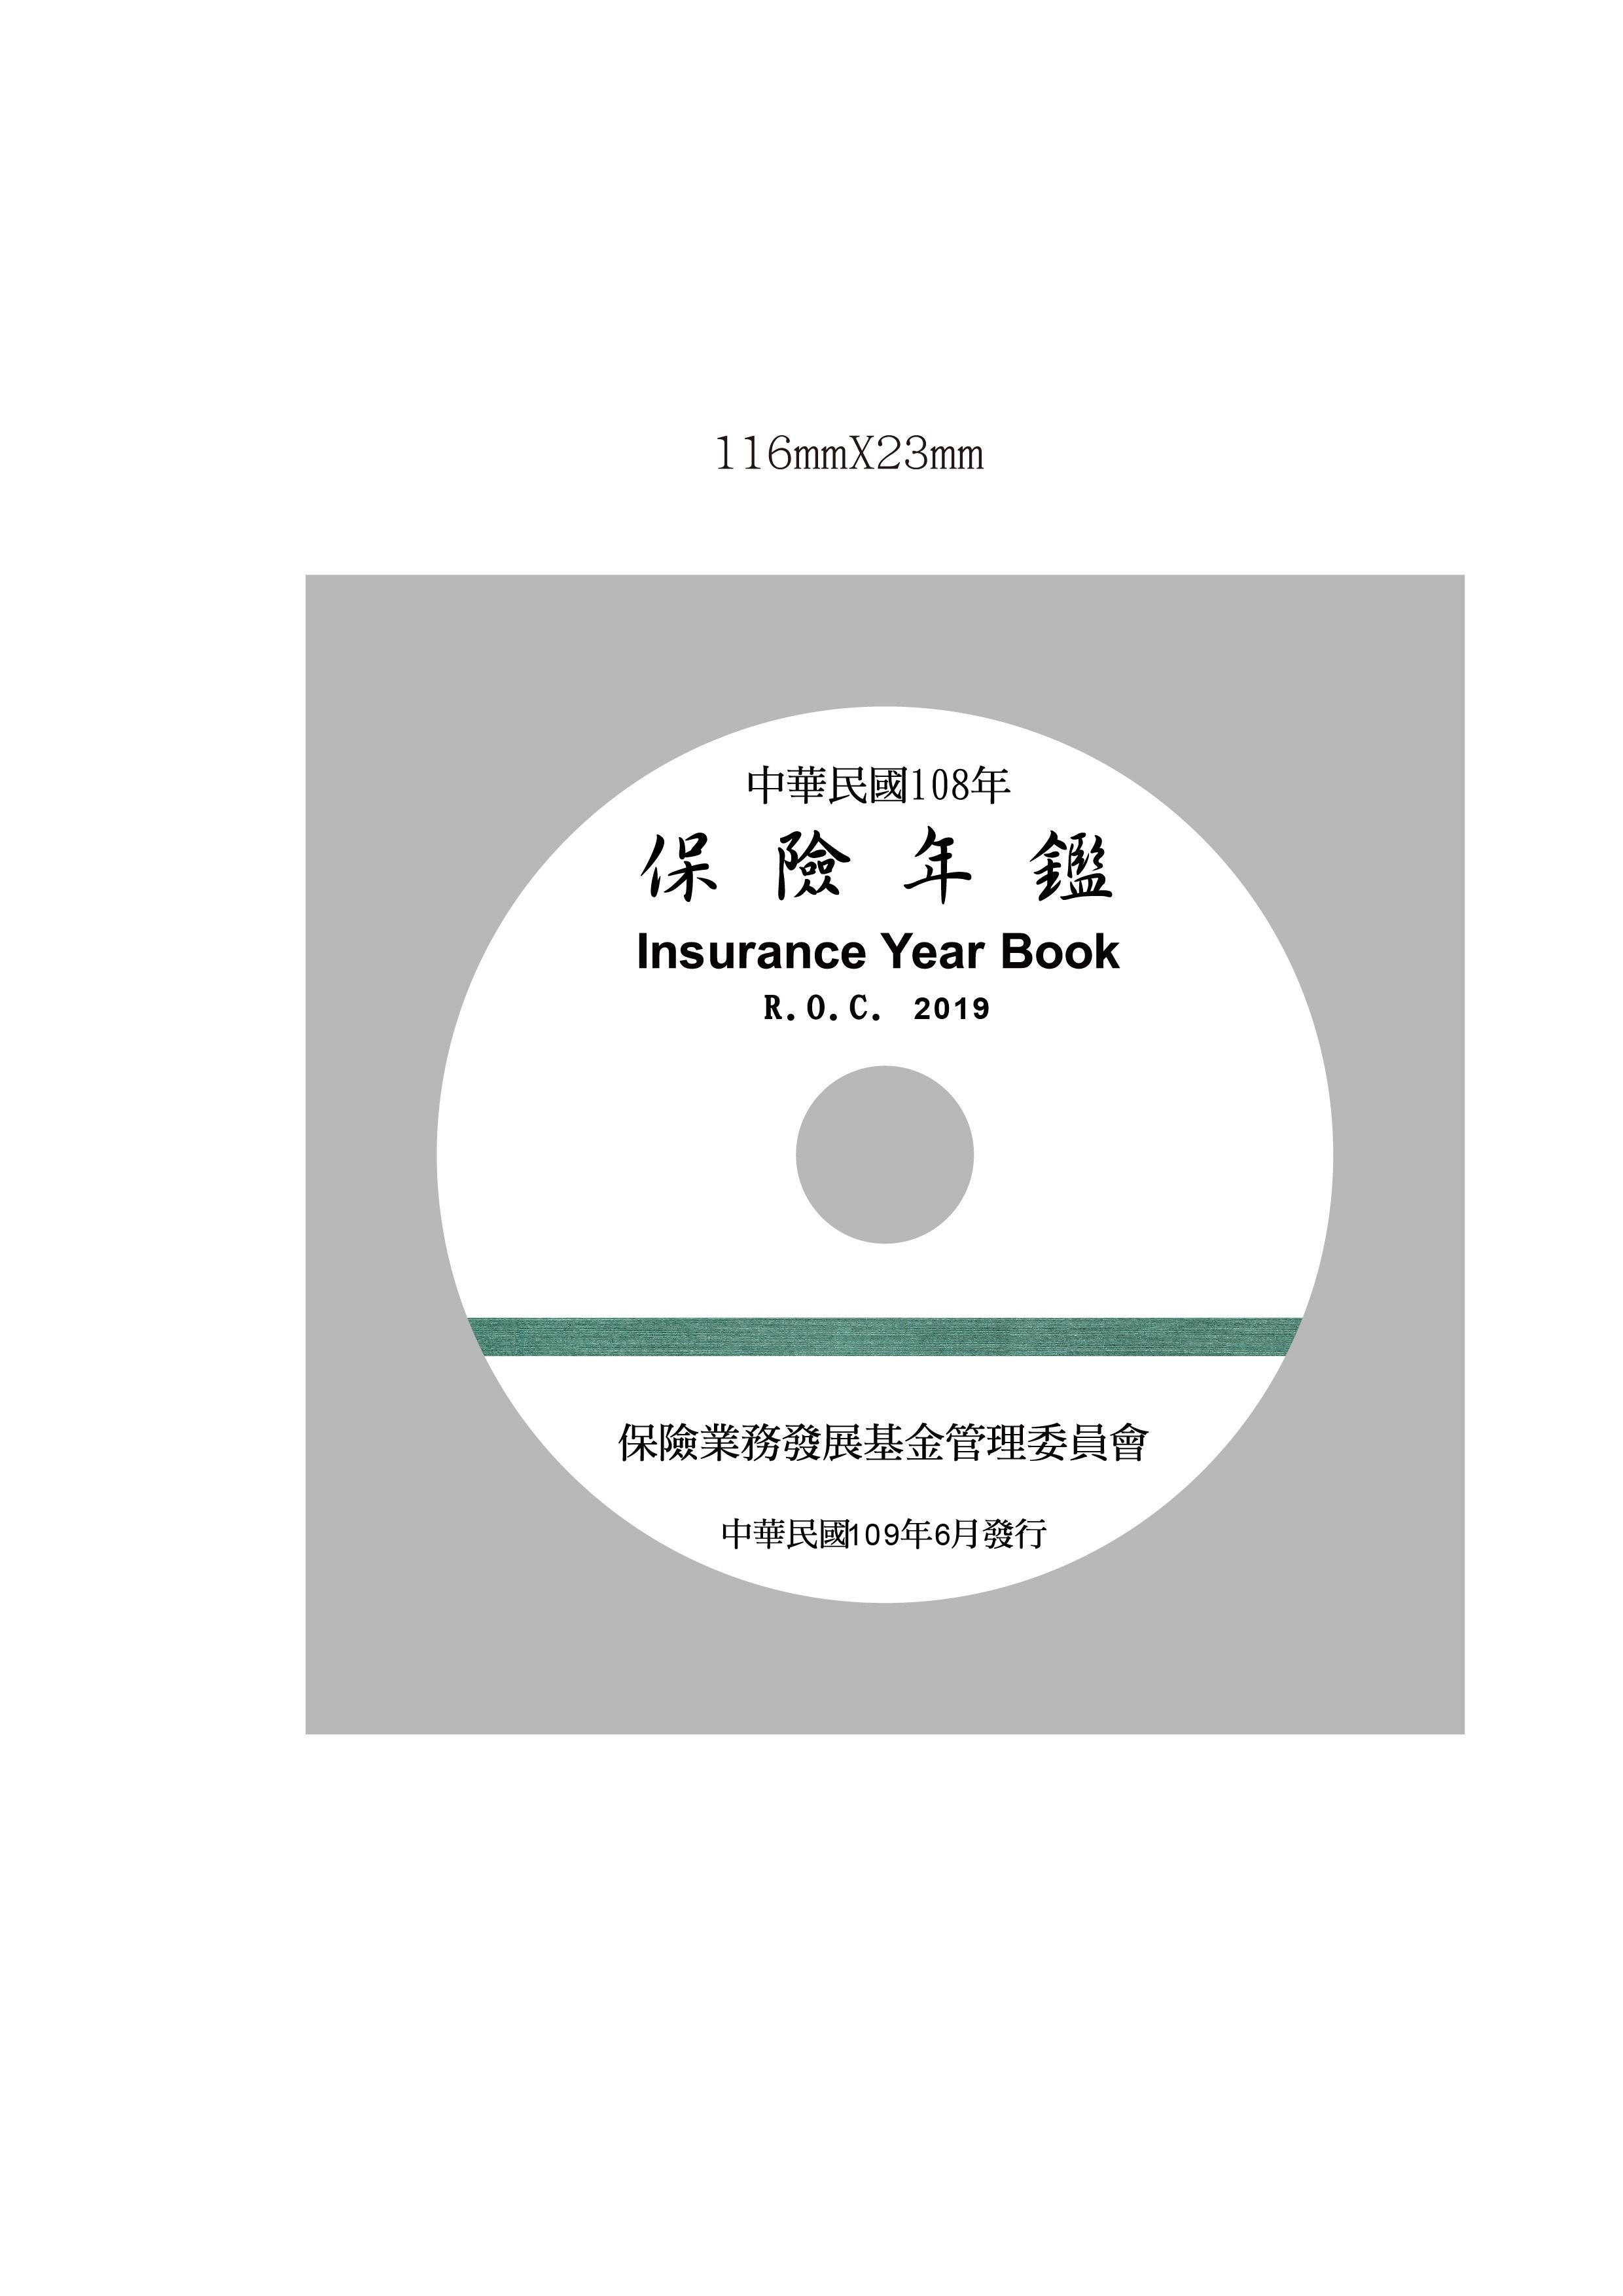 保險年鑑(2019年光碟片)